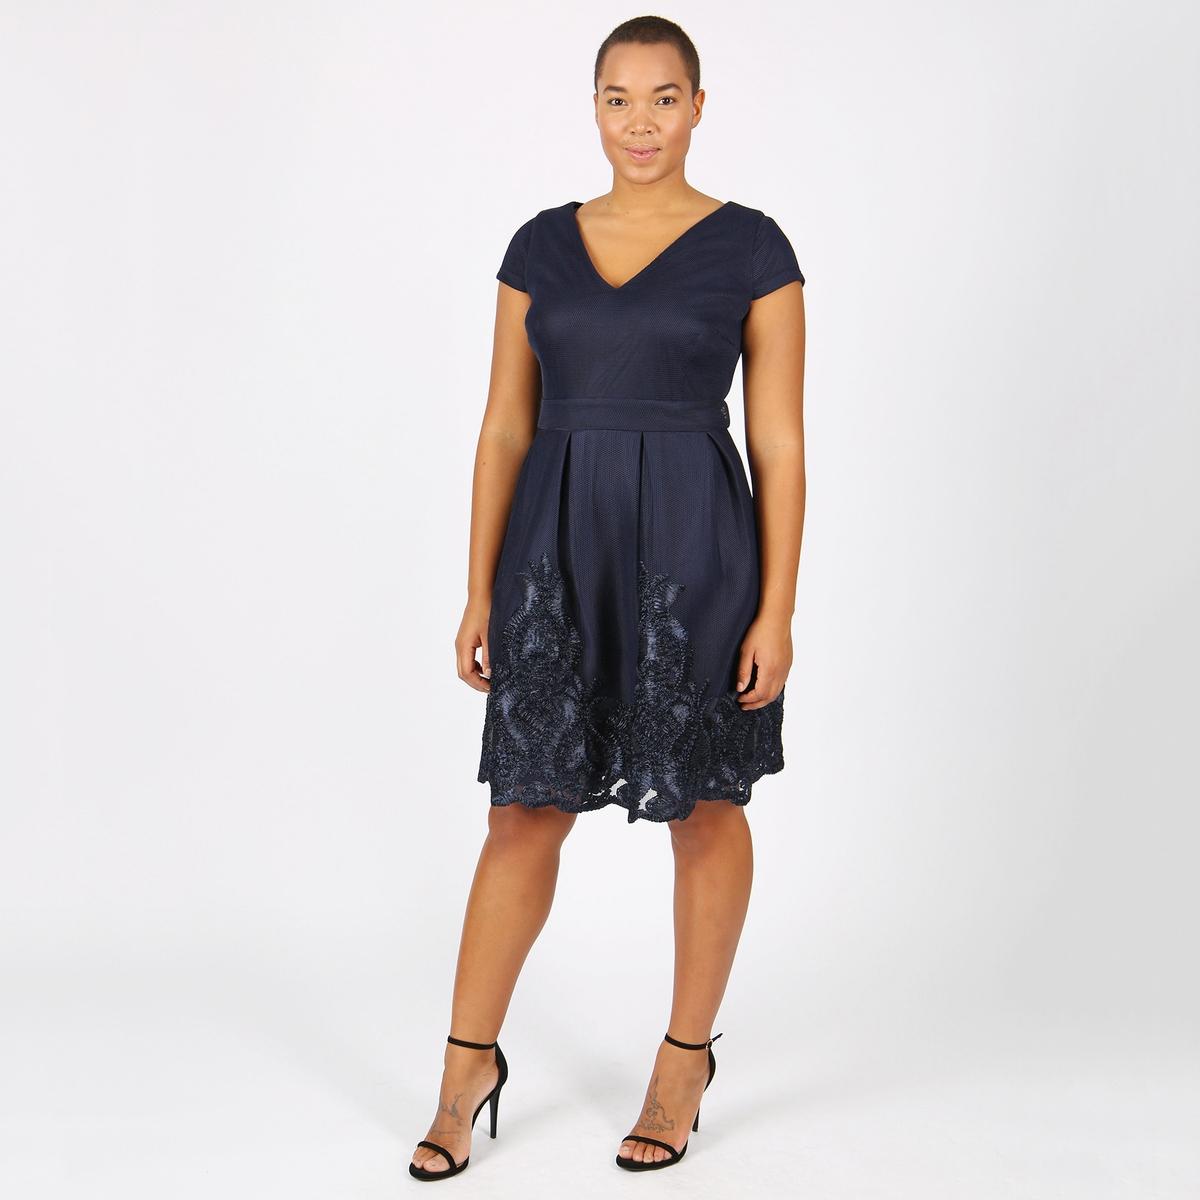 Платье однотонное средней длины, расширяющееся книзу